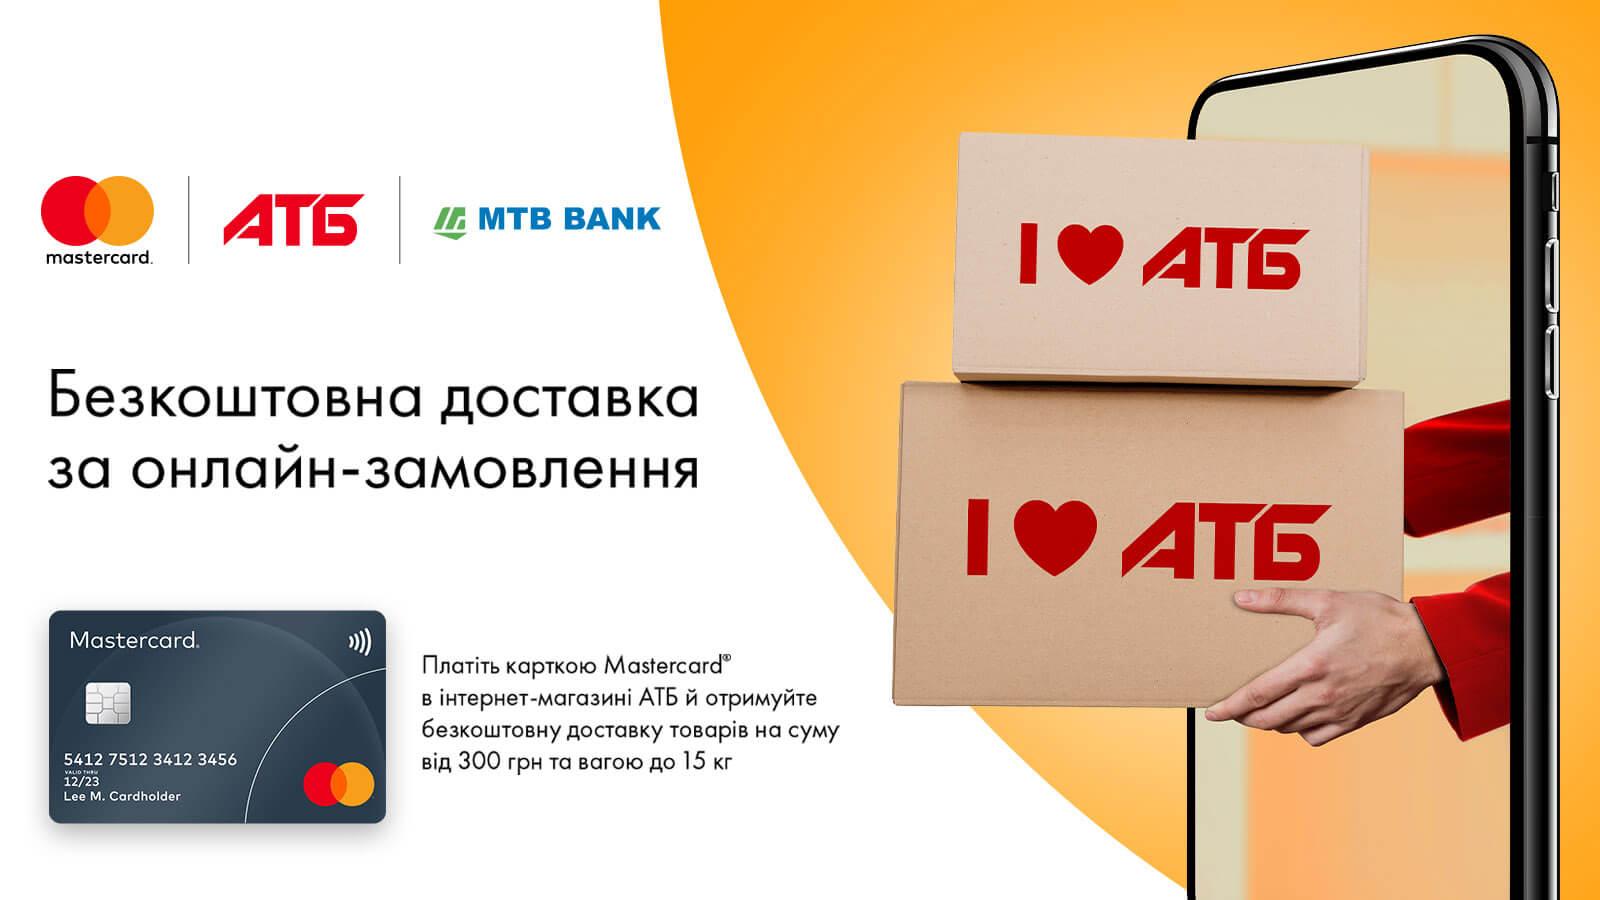 Пропонуємо скористатися корисною пропозицією від Mastercard і АТБ - фото - mtb.ua